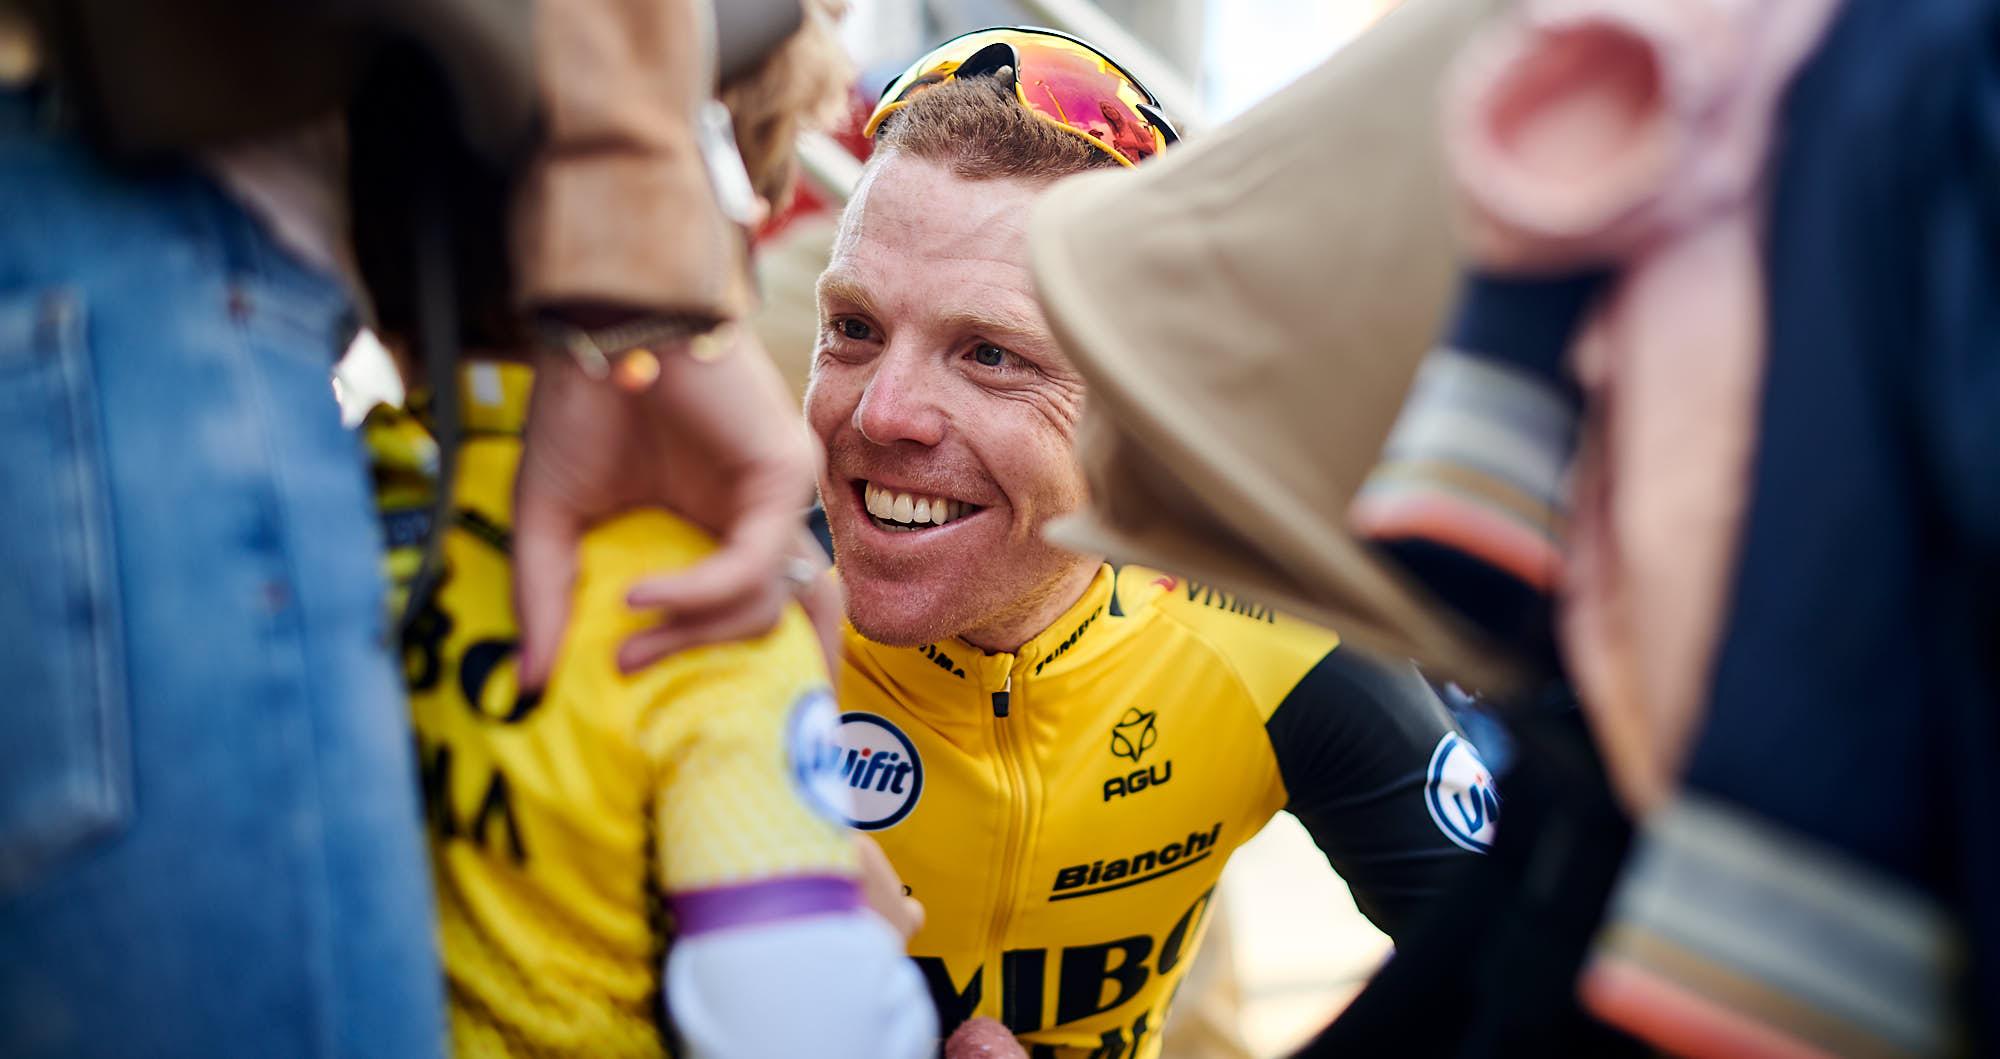 Team Jumbo-Visma rider Steven Kruiswijk after the 2019 Tour de France TTT